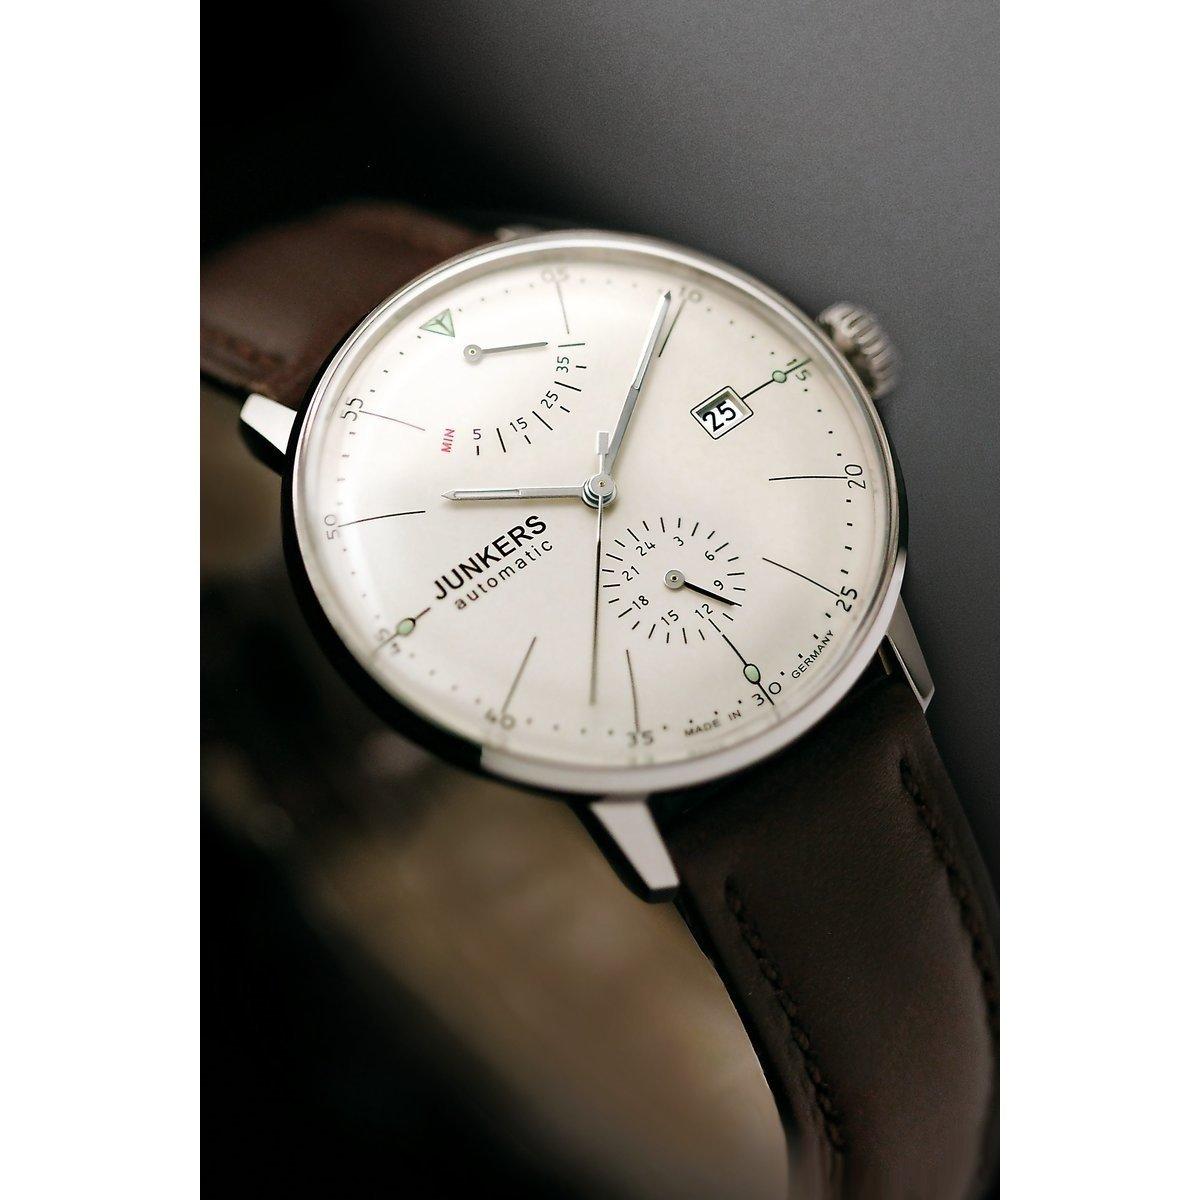 Junker Bauhaus Watch 187 Gadget Flow